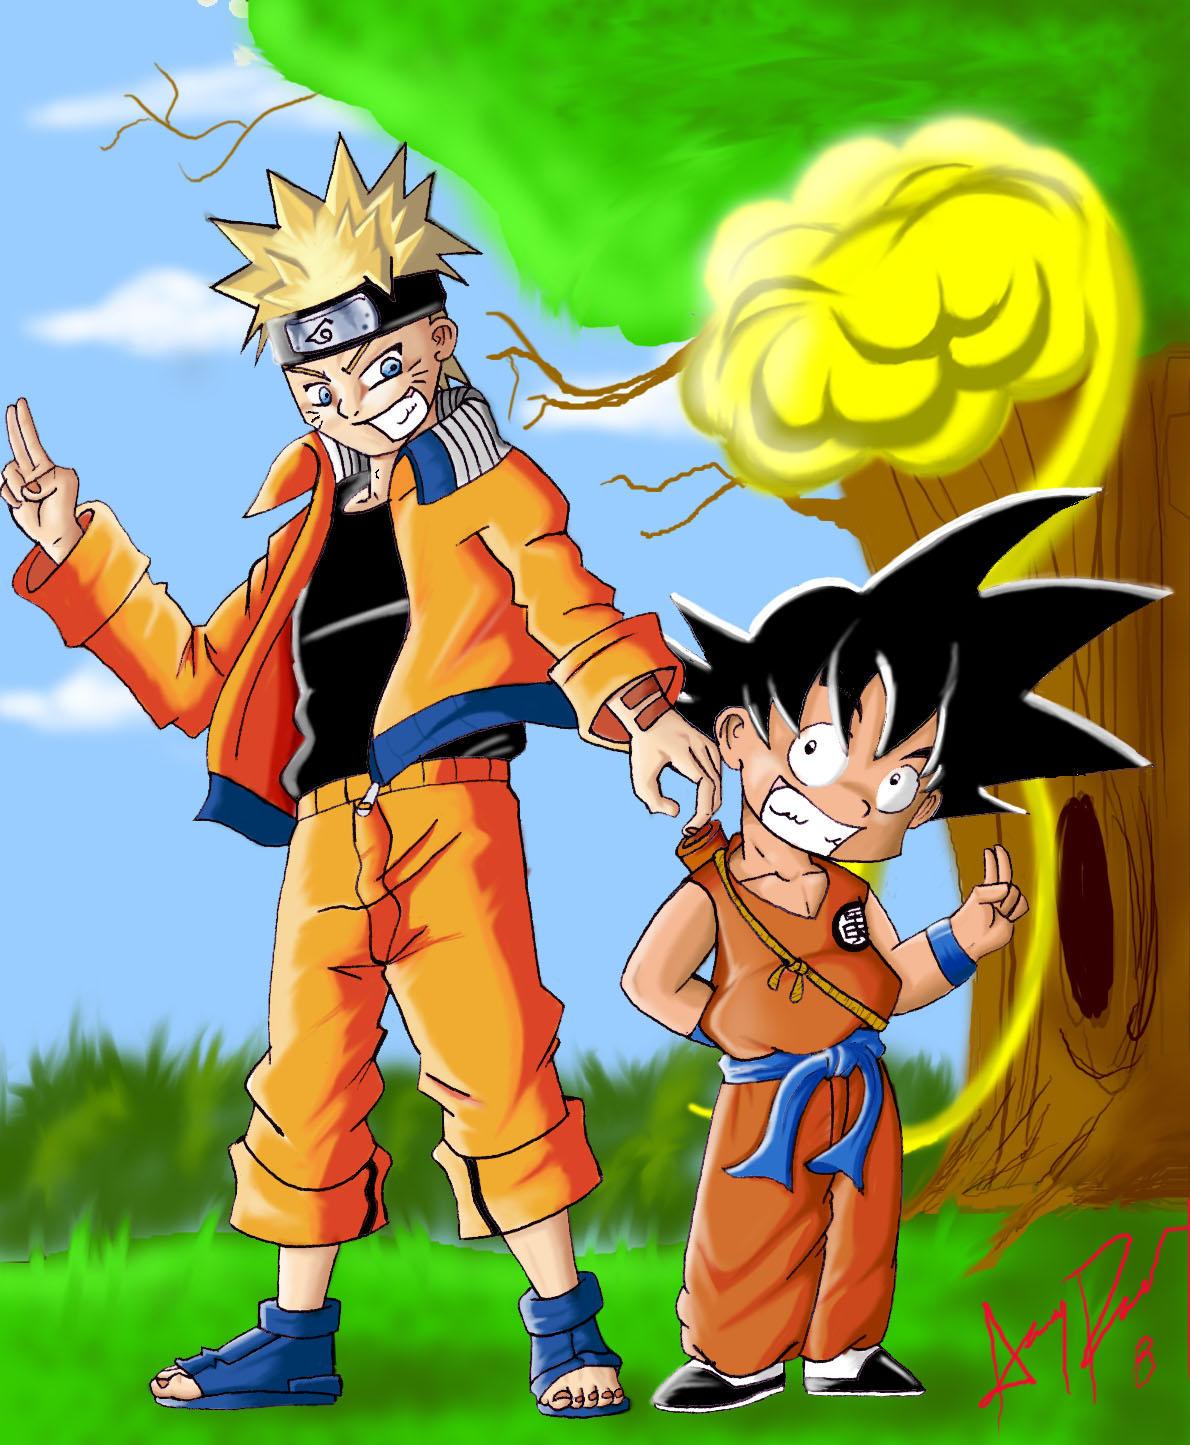 Naruto y Goku by Academico on DeviantArt